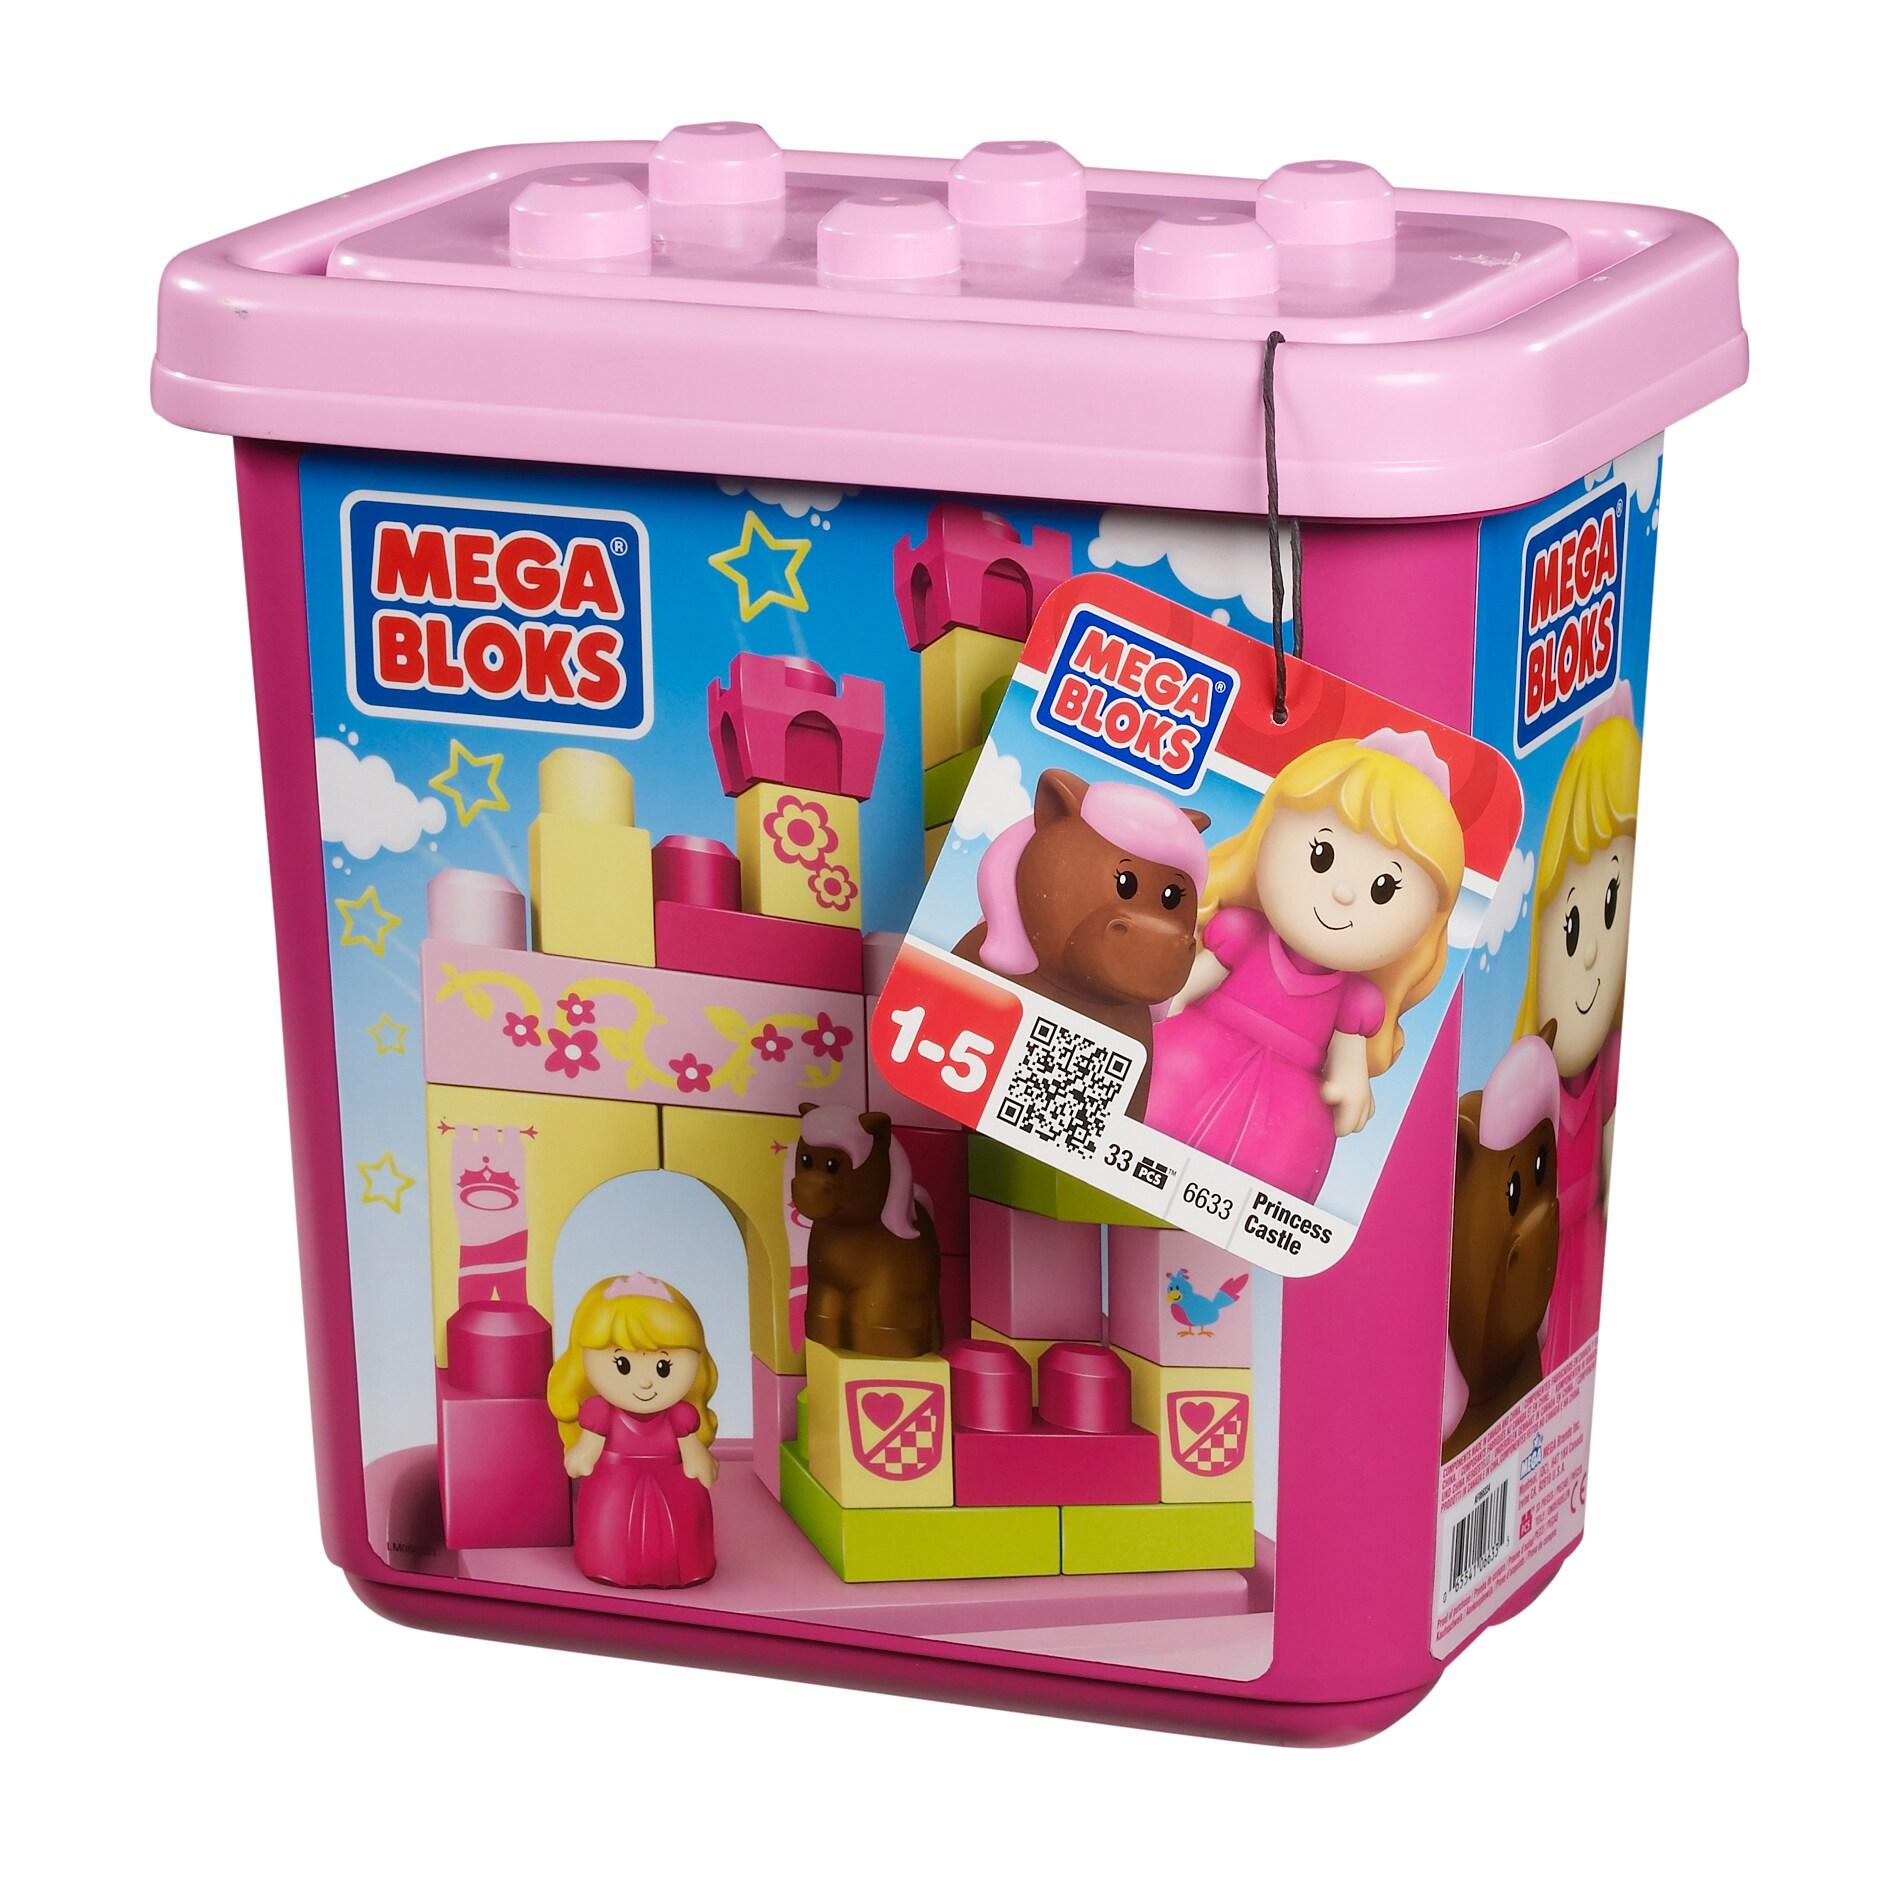 Mega Bloks Princess Castle Small Tub Play Set